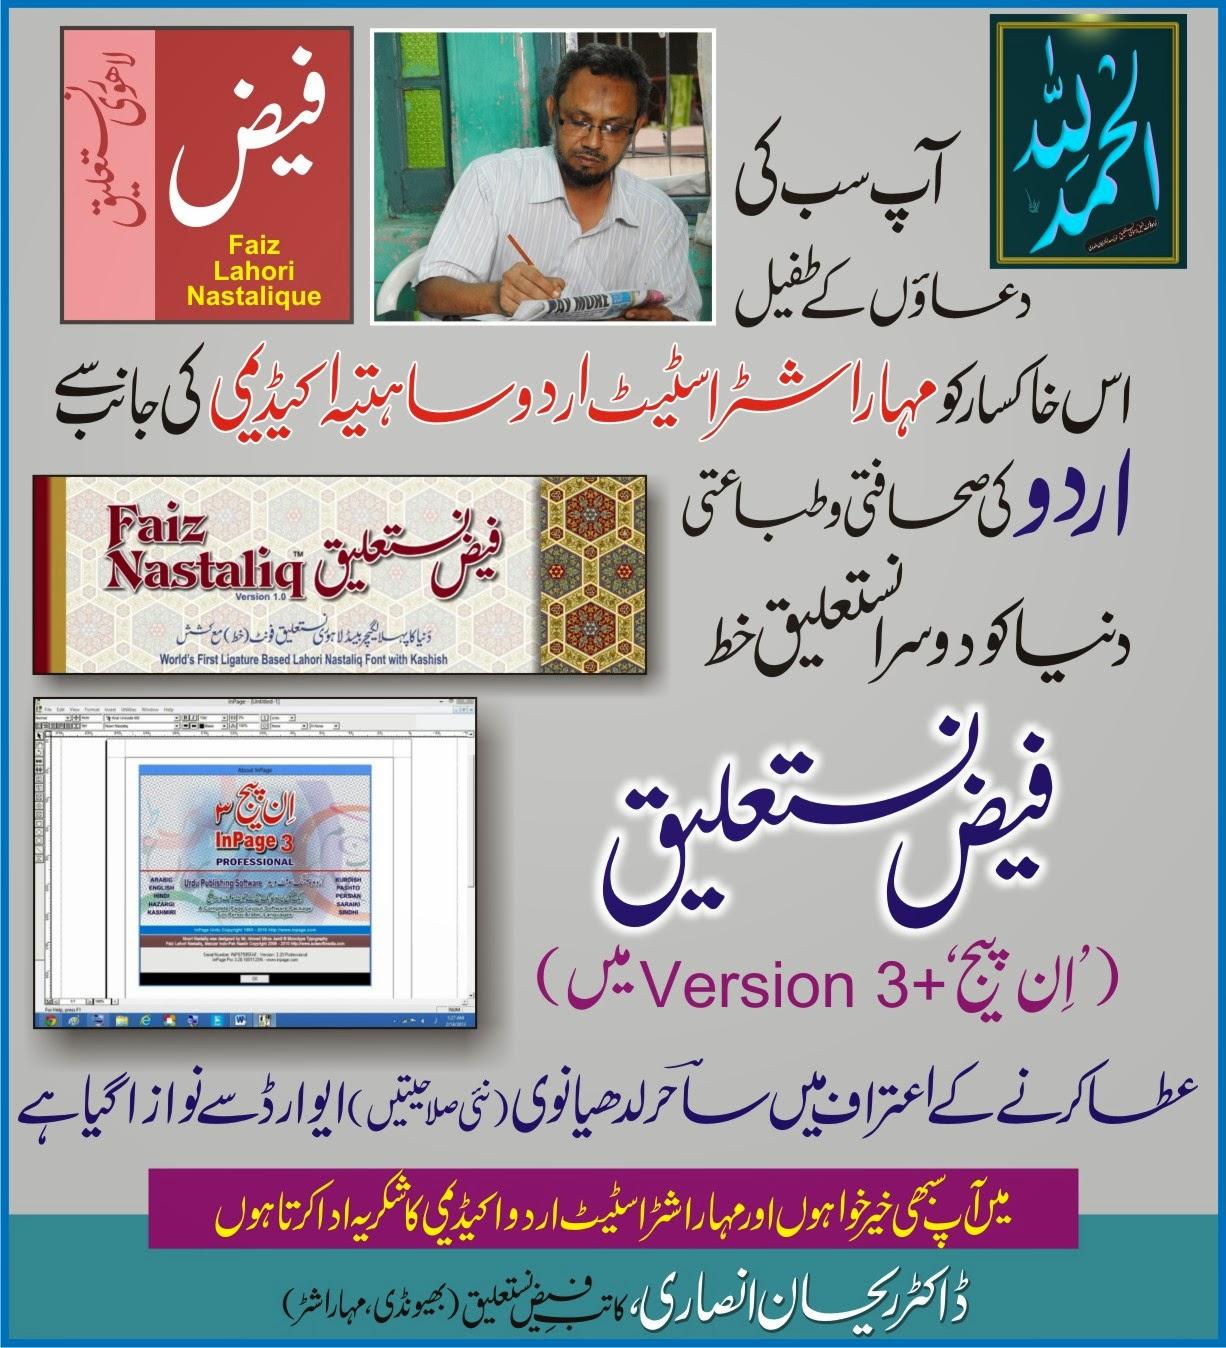 eco slim részletek urdu nyelven)